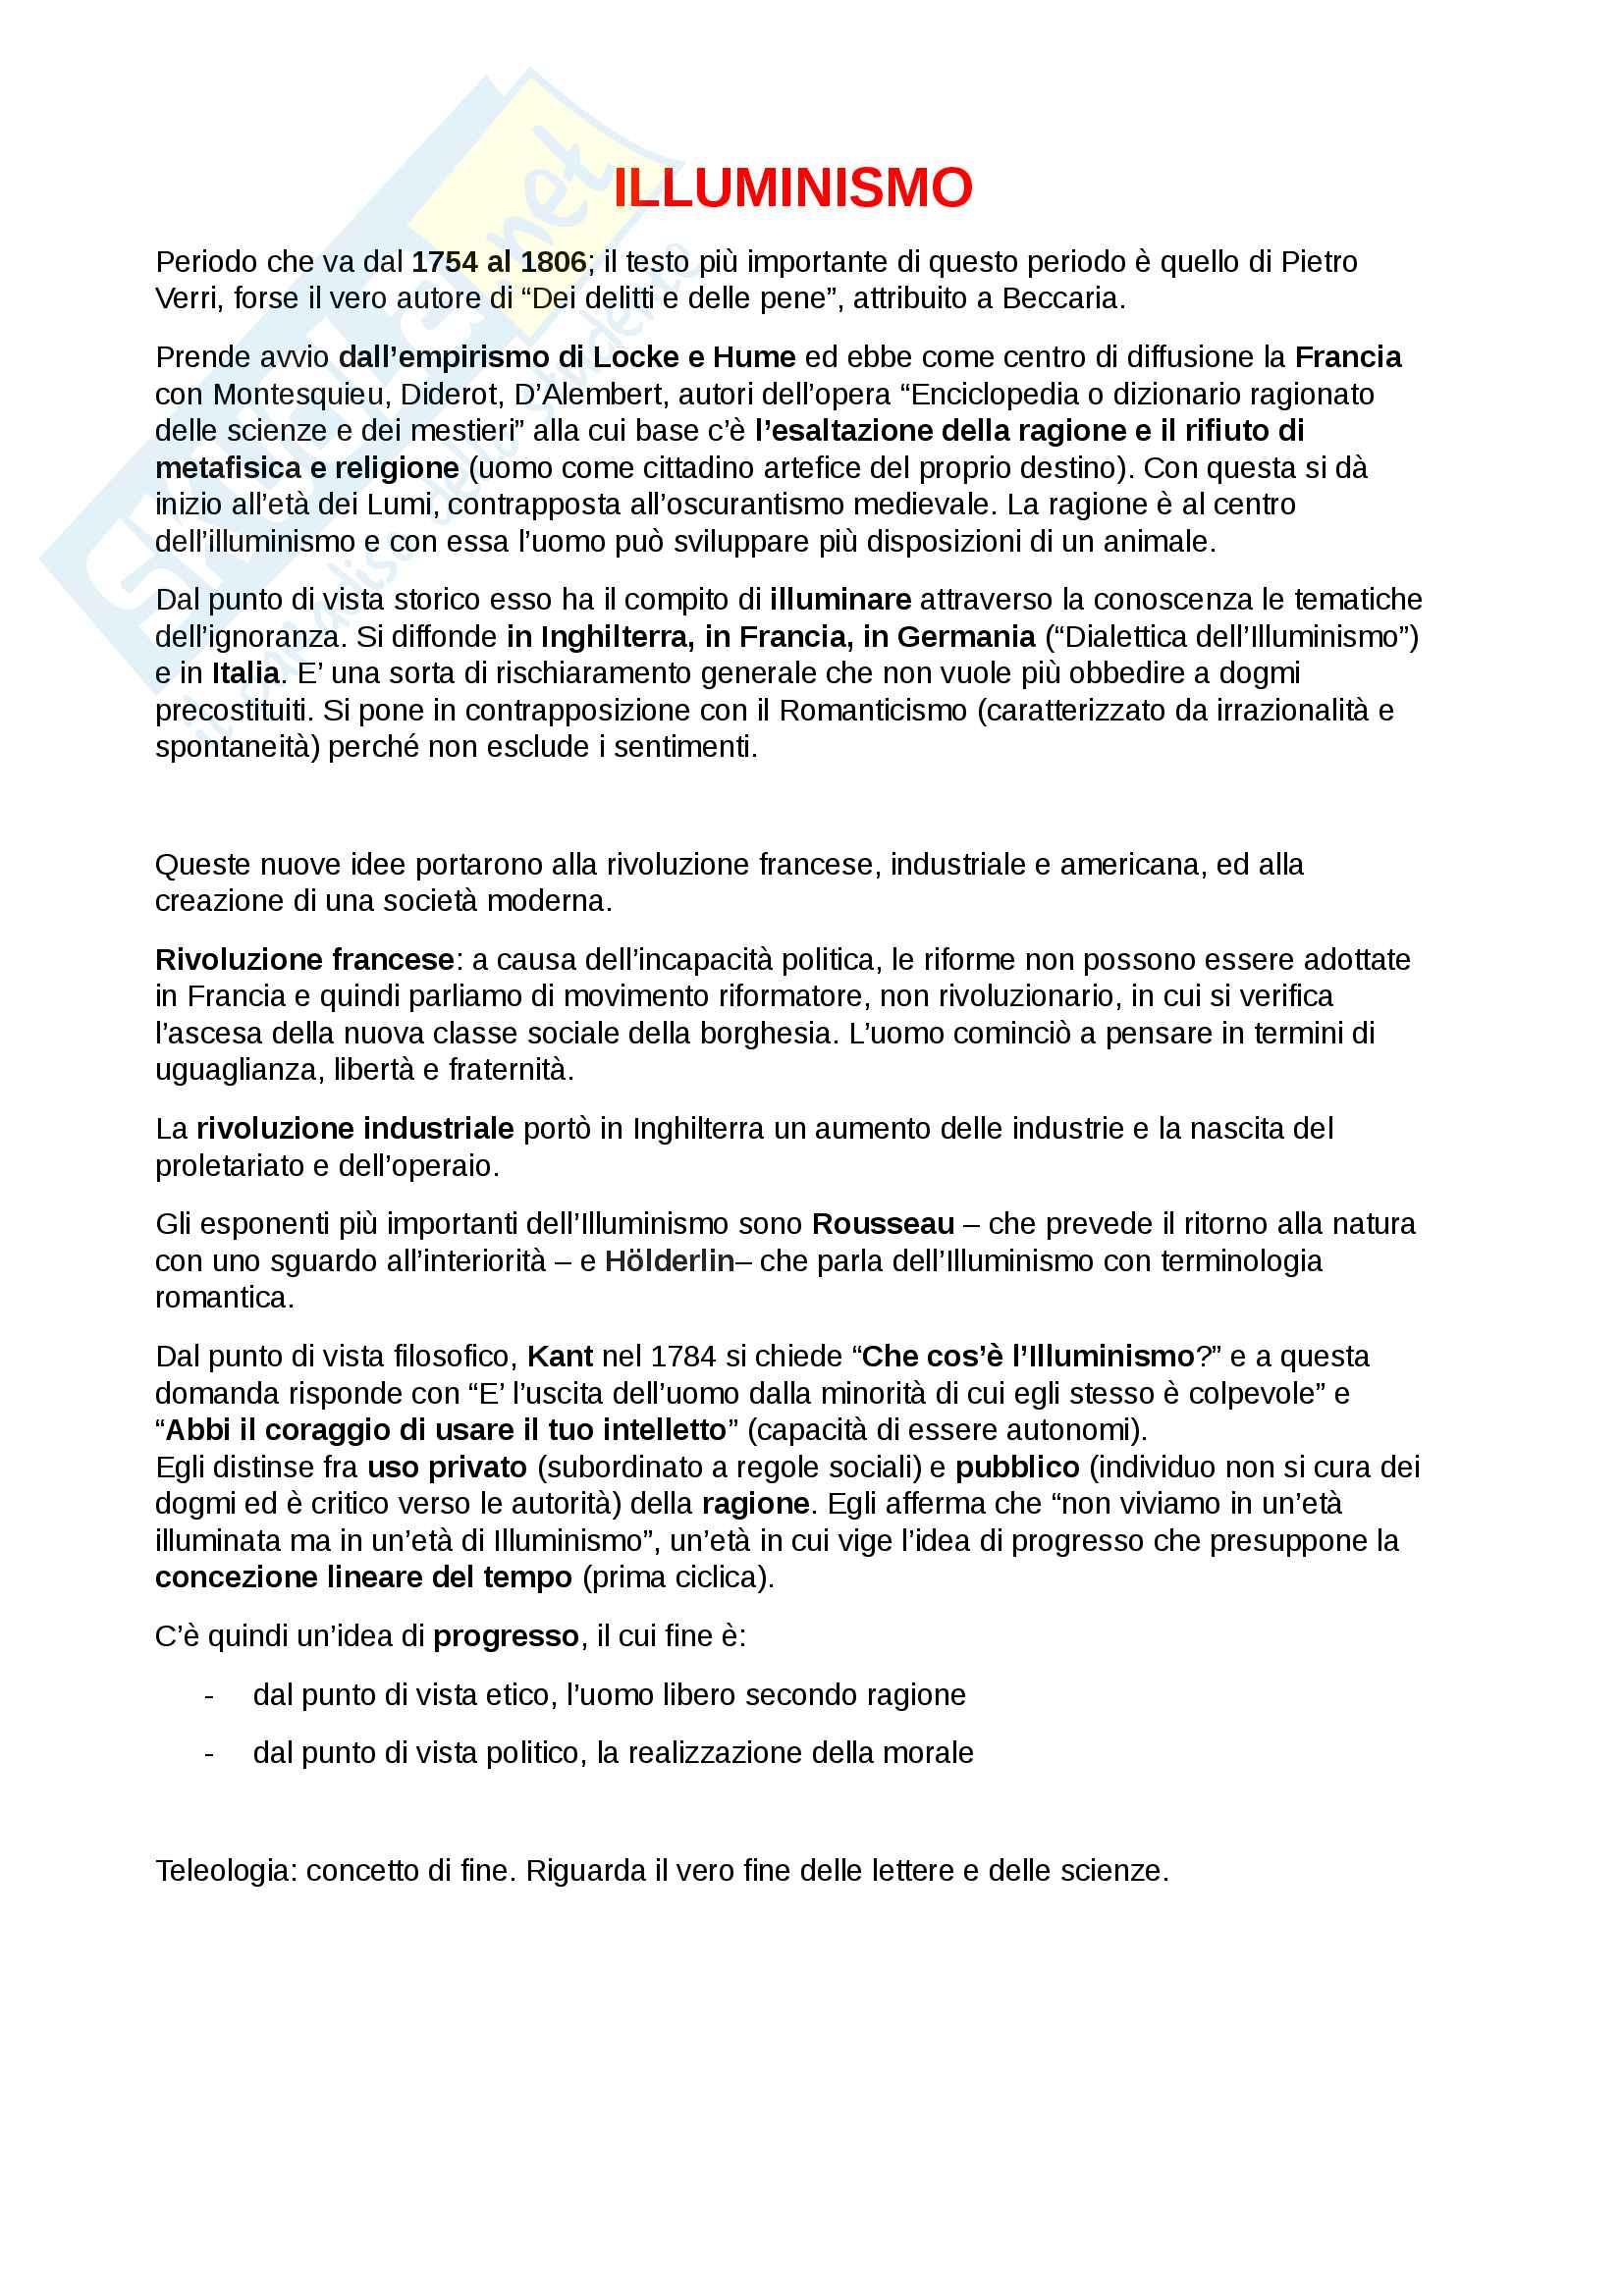 """Riassunto esame Letteratura Italiana, docente D'Antuono, libri consigliati """"Lettere"""" e il """"Discorso"""" di Antonio Genovesi"""